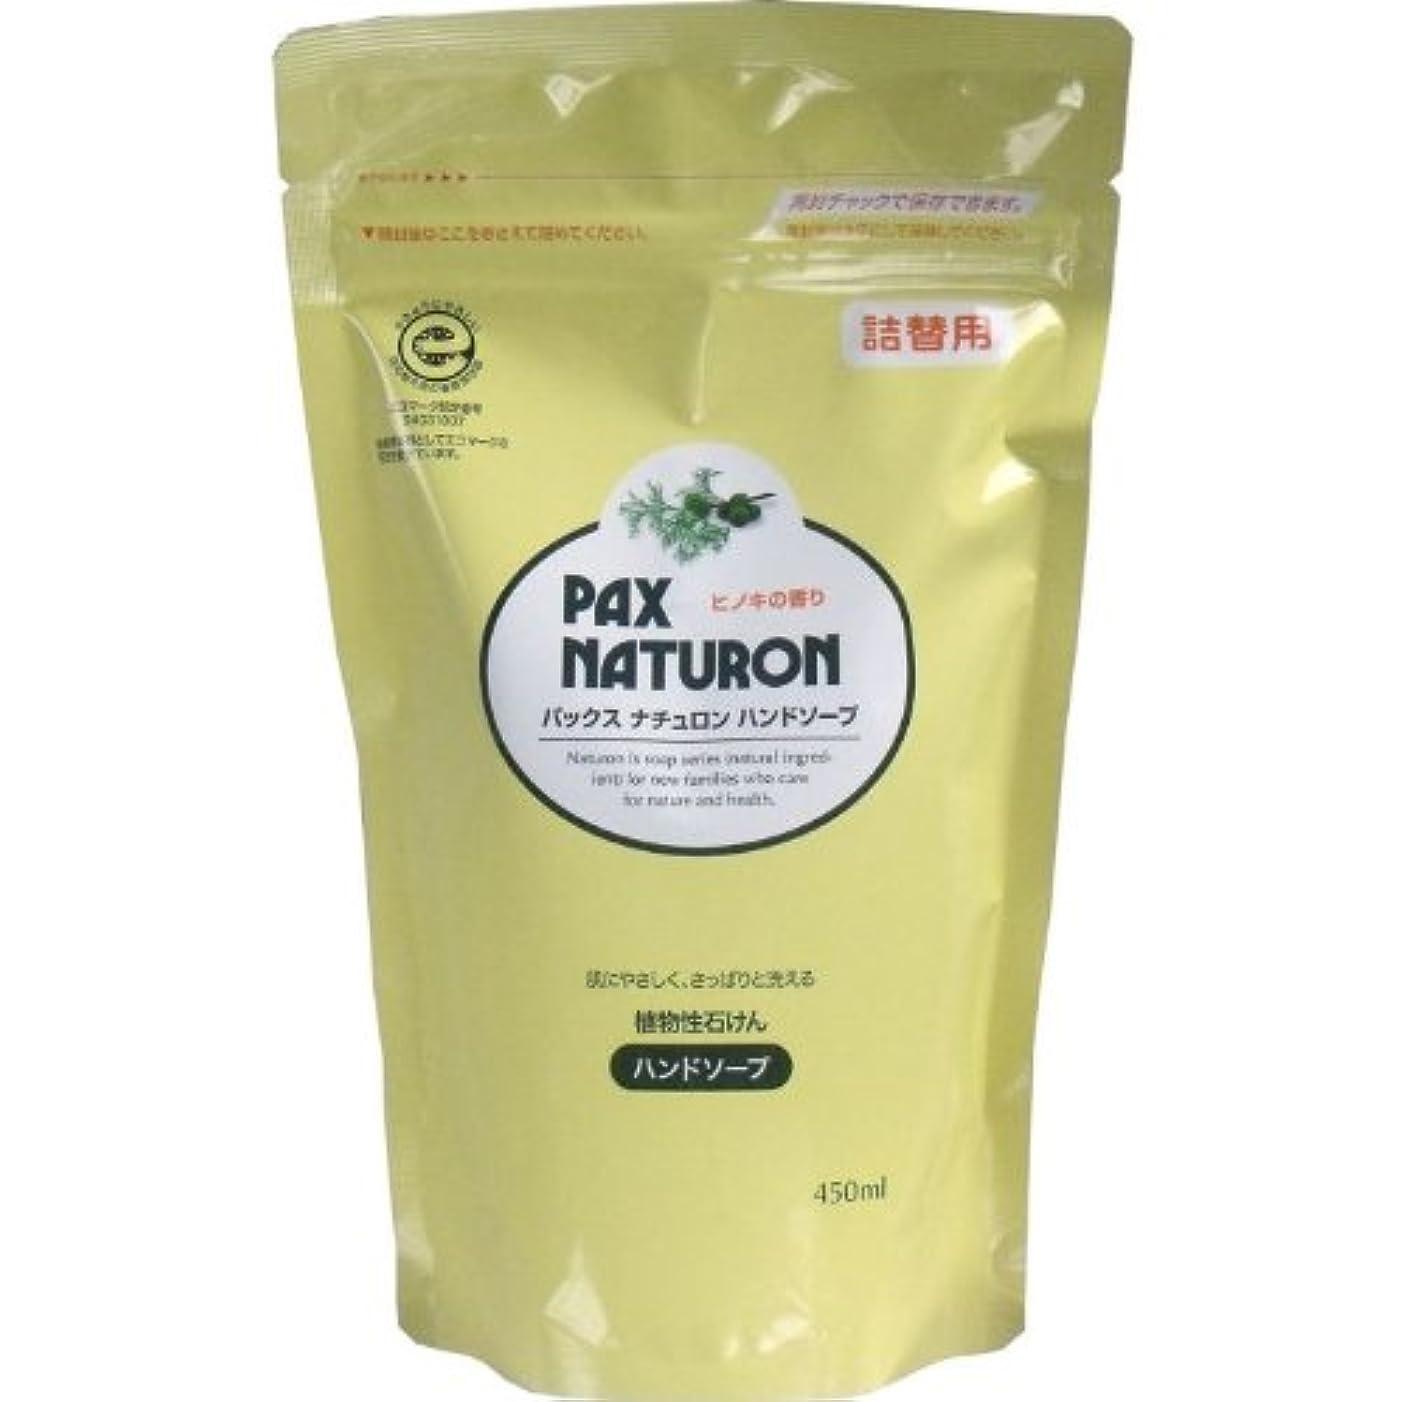 暗記するインペリアルスタック肌にやさしく、さっぱりと洗える植物性石けん!植物性ハンドソープ 詰替用 450mL